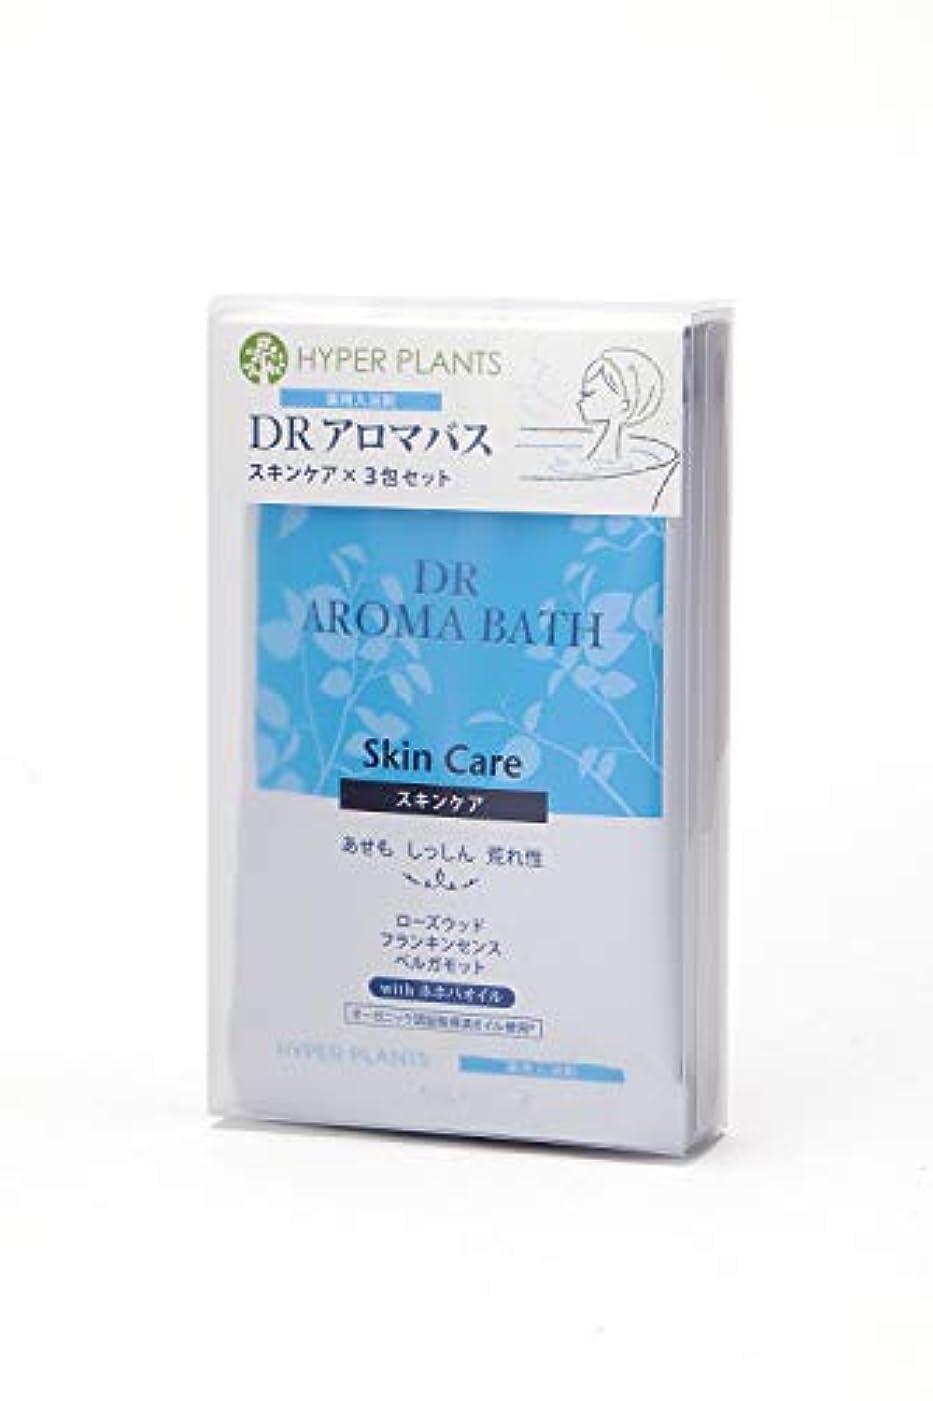 リスト受け皿きょうだい医薬部外品 薬用入浴剤 ハイパープランツ DRアロマバス スキンケア 3包セット